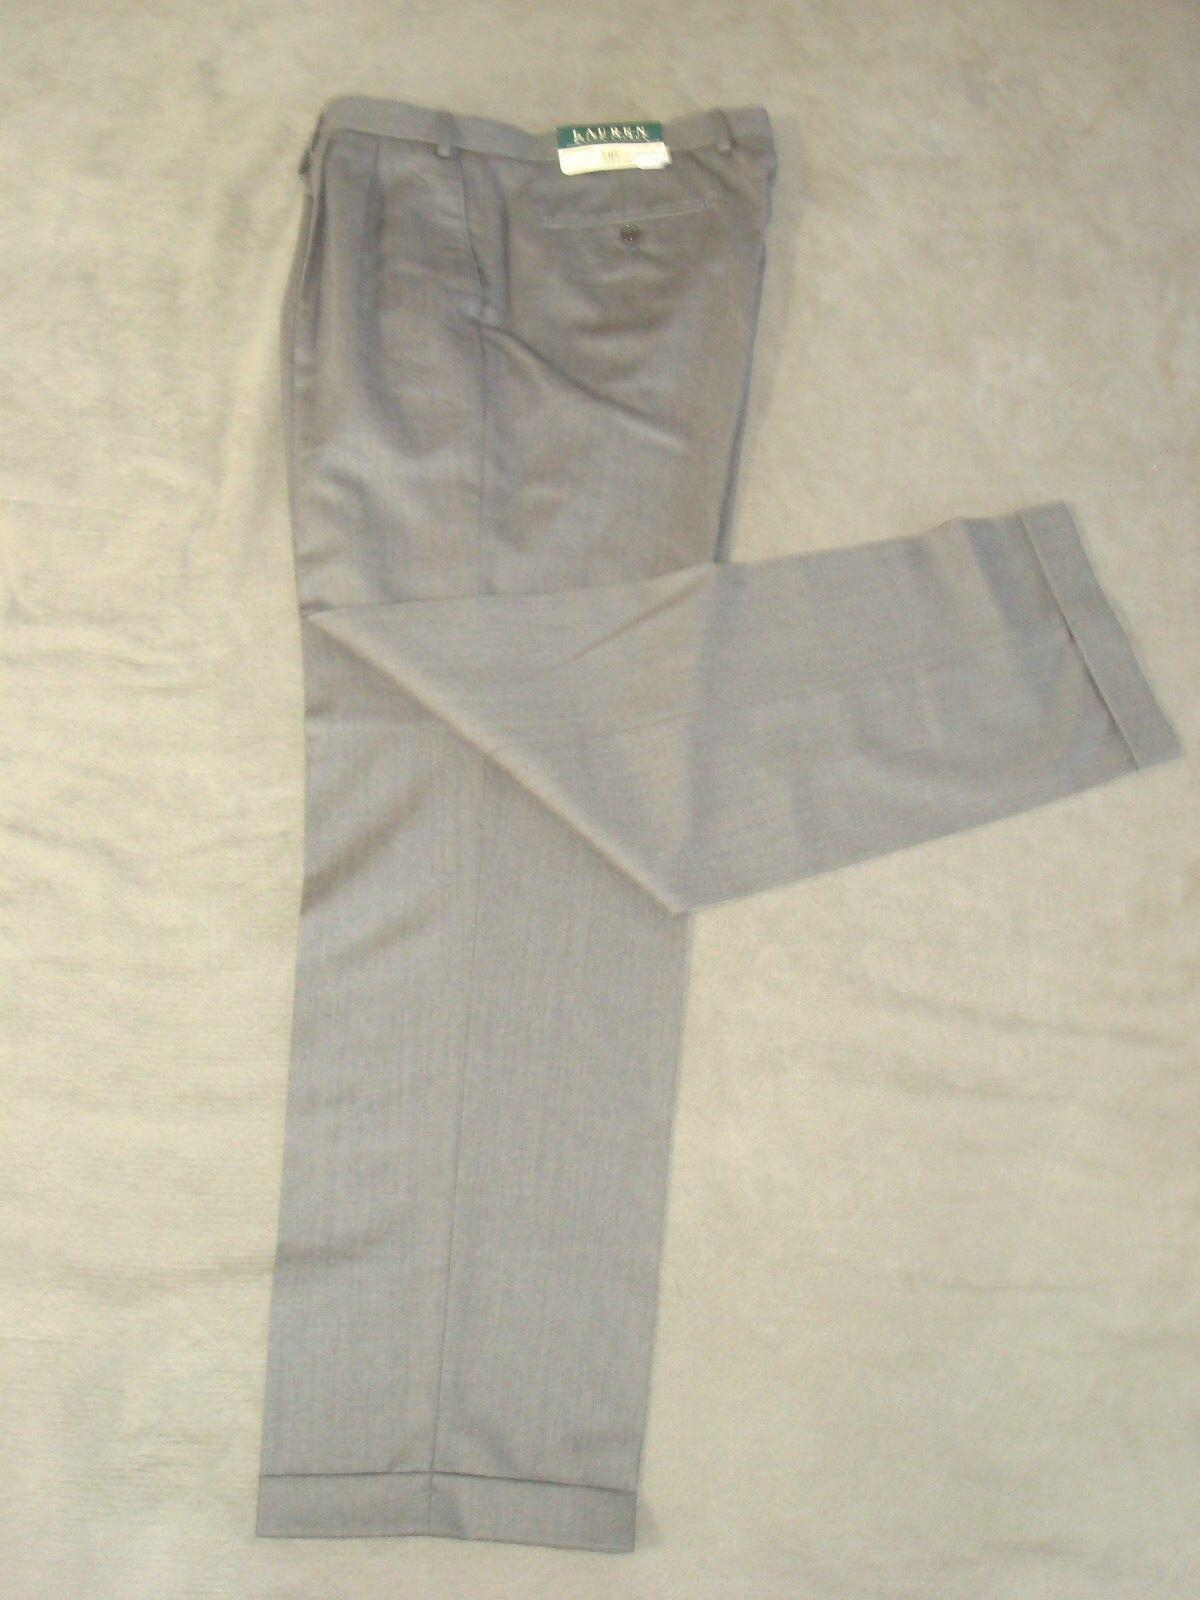 5104e8d25d RALPH LAUREN MEDIUM BROWN PANTS 36 x 32 L WOOL W nnrmok18080 ...